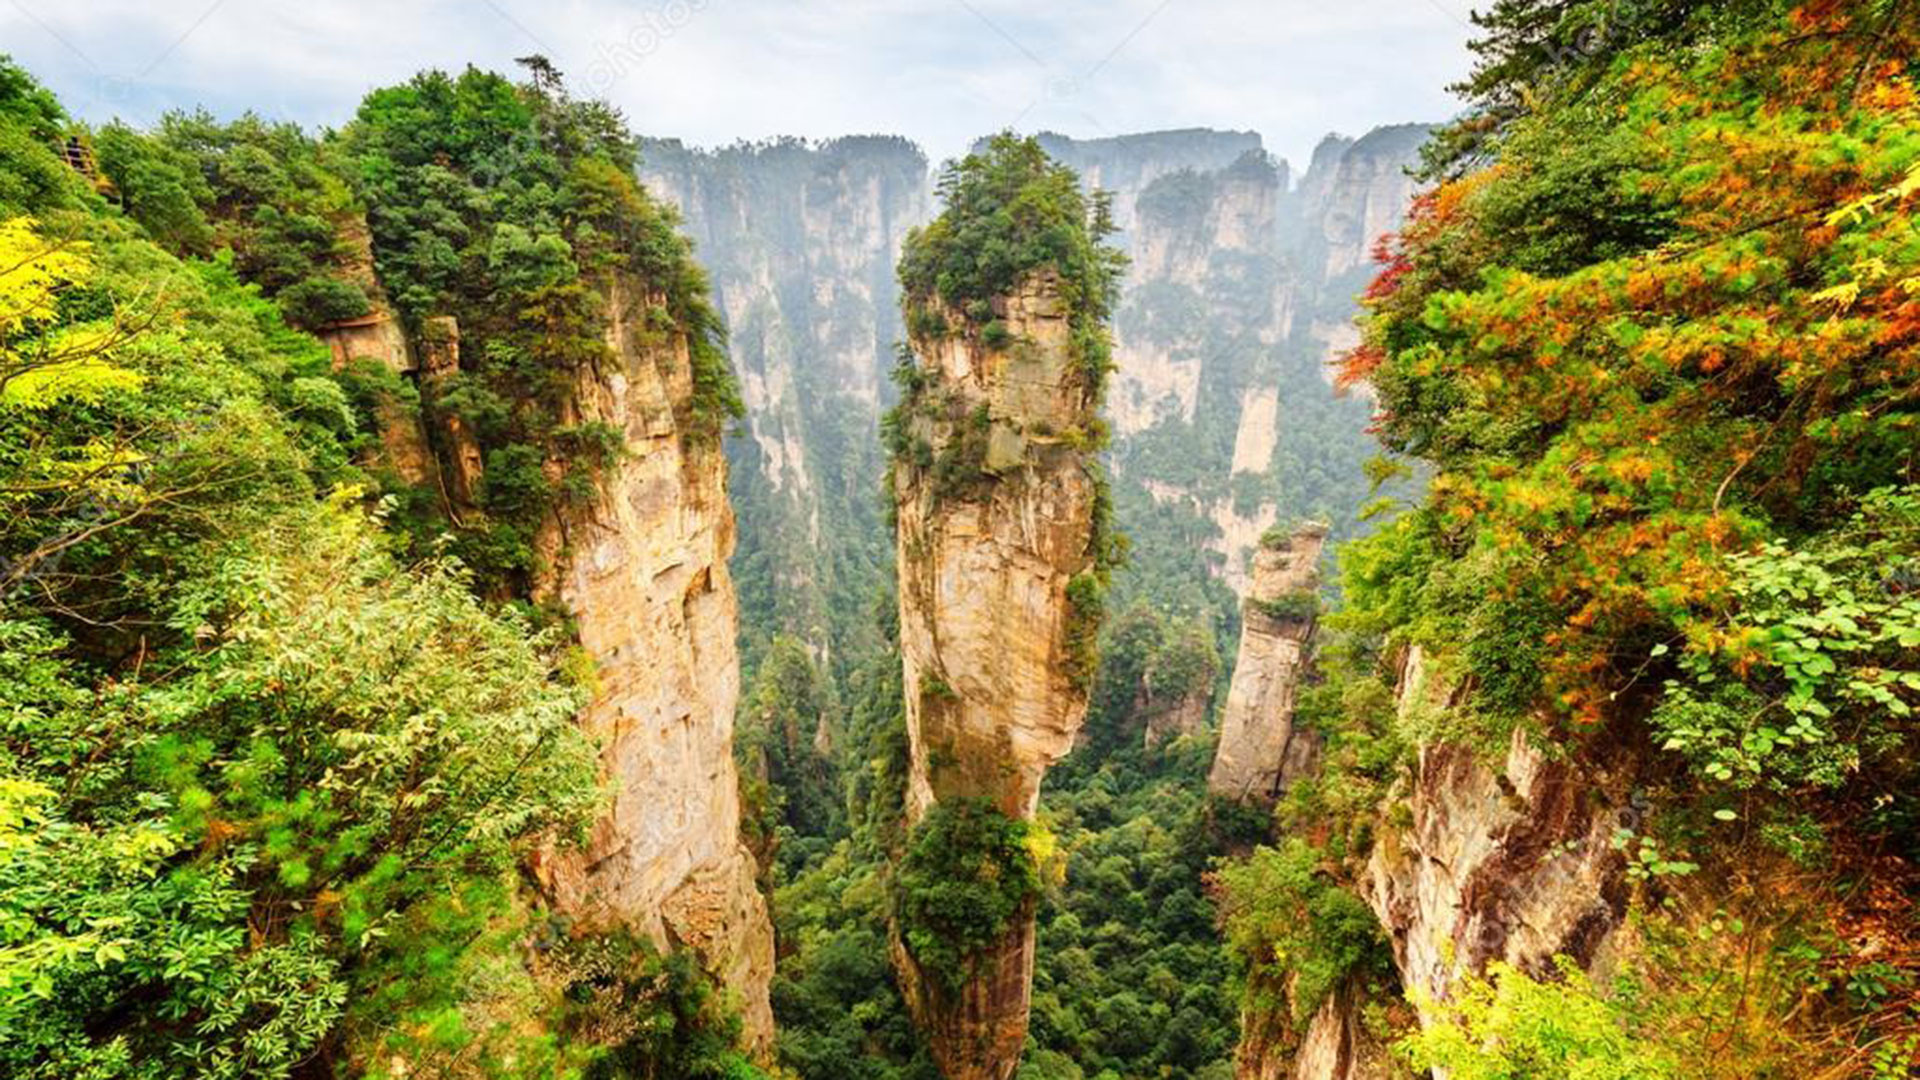 La película se inspiró en el parque nacional chino Zhangjiajie declarado Patrimonio de la Humanidad por la UNESCO.